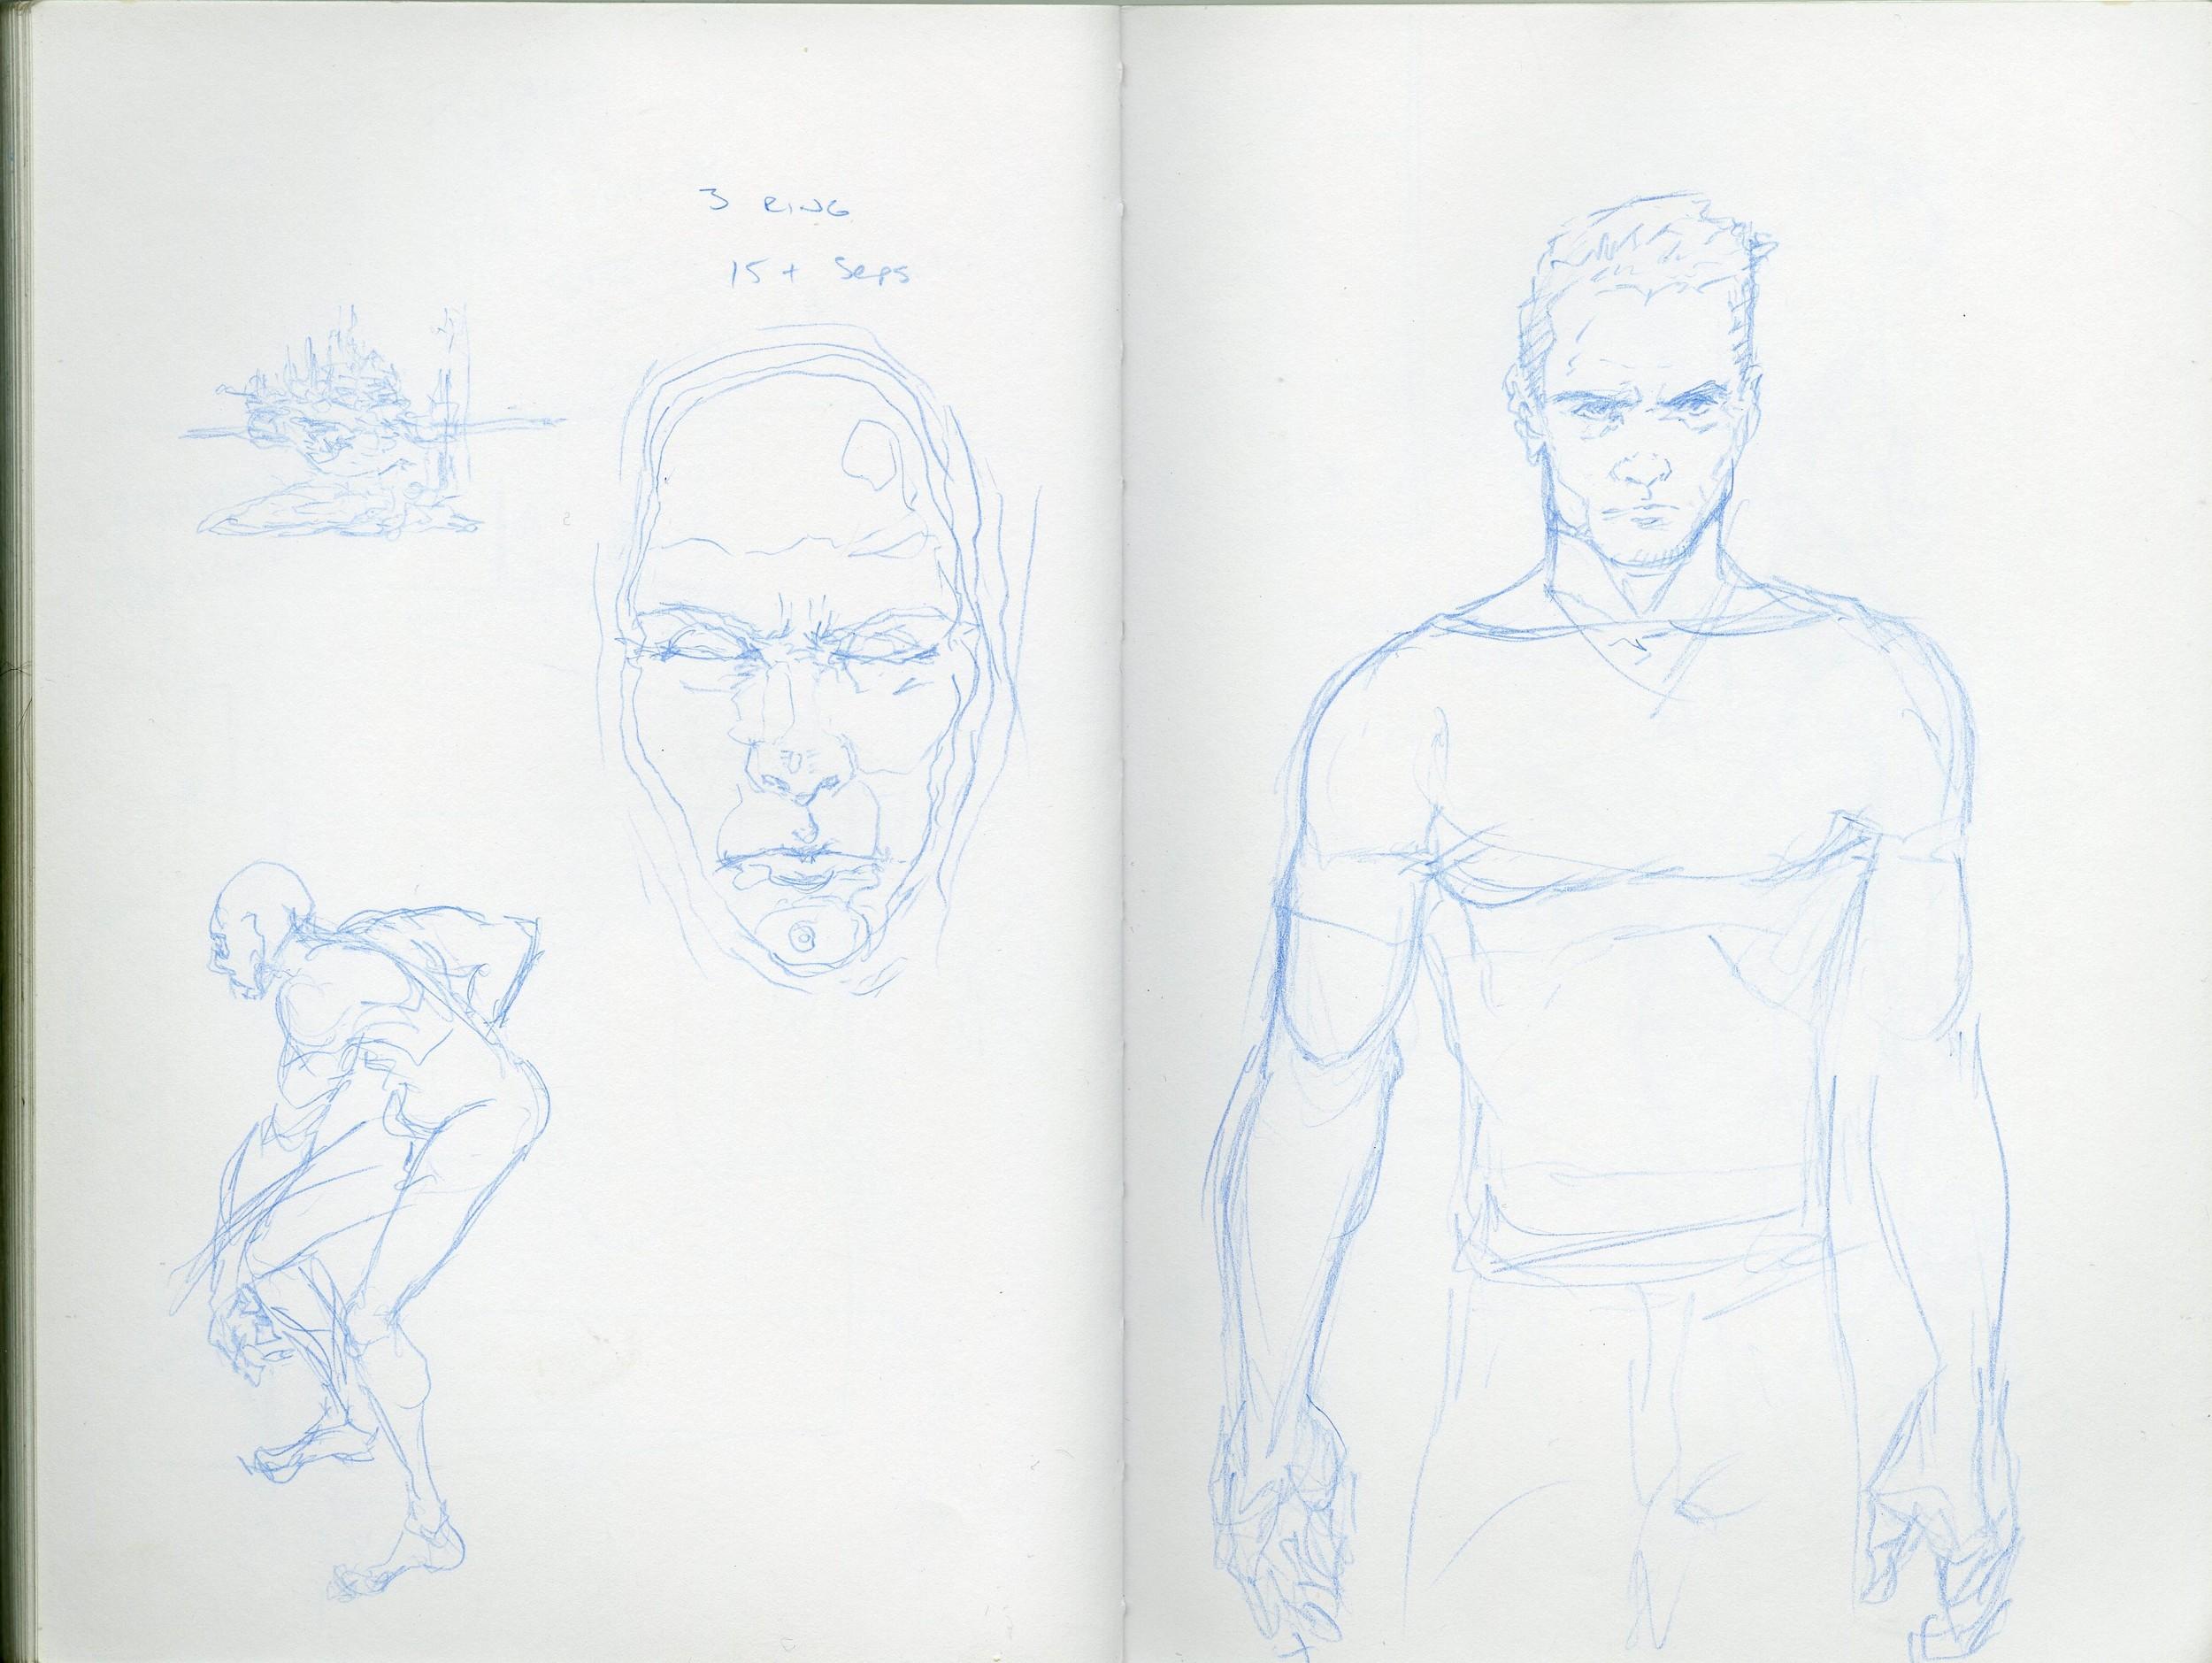 SketchbookScan133.jpg